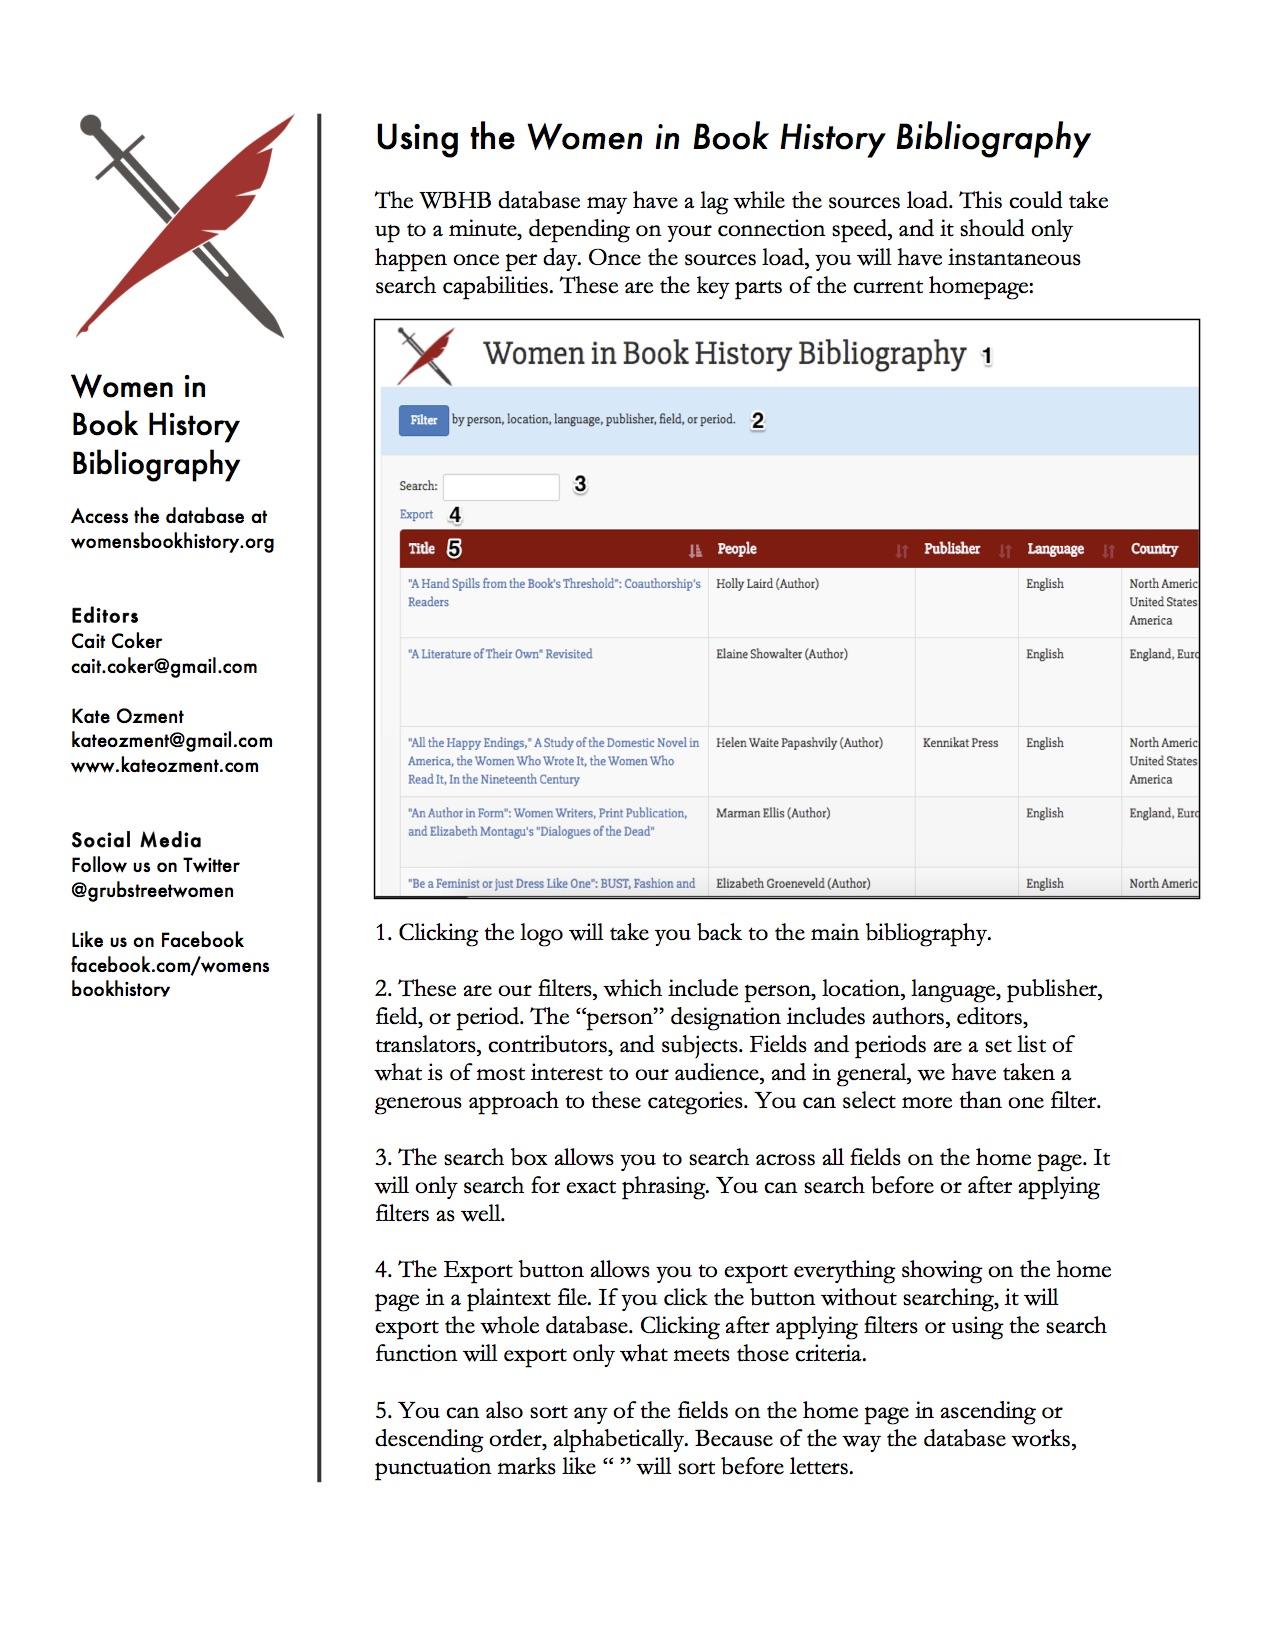 WBHB Help Doc pic.jpg